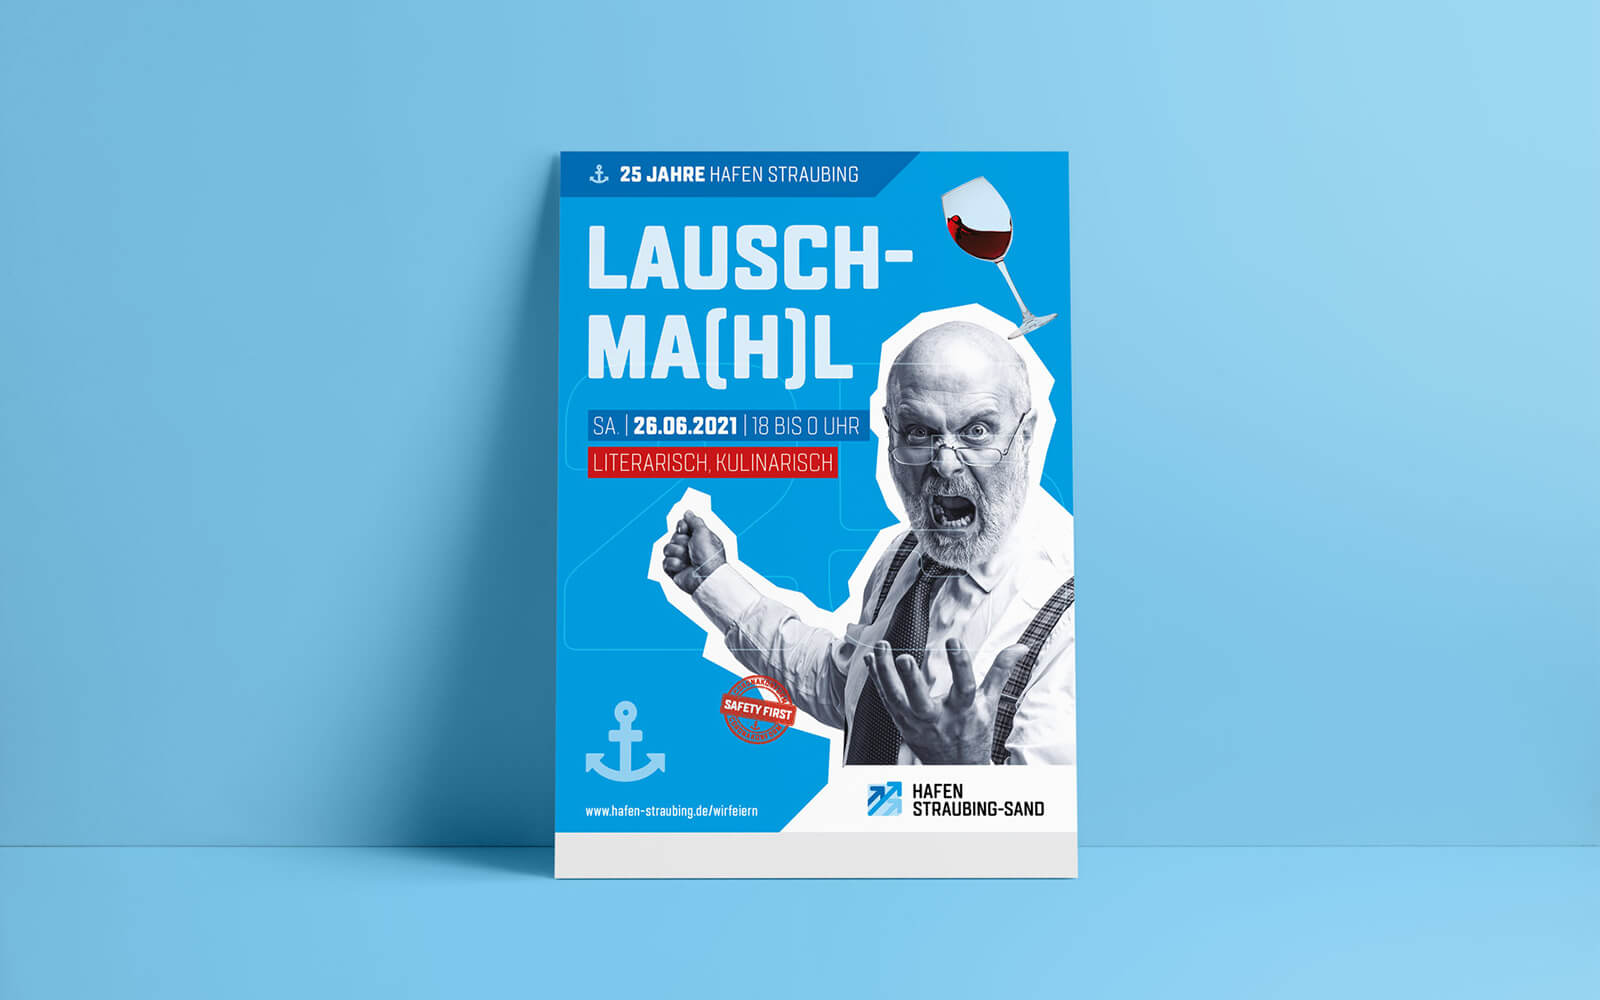 25 Jahre Hafen Straubing-Sand – Plakat Lauschma(h)l